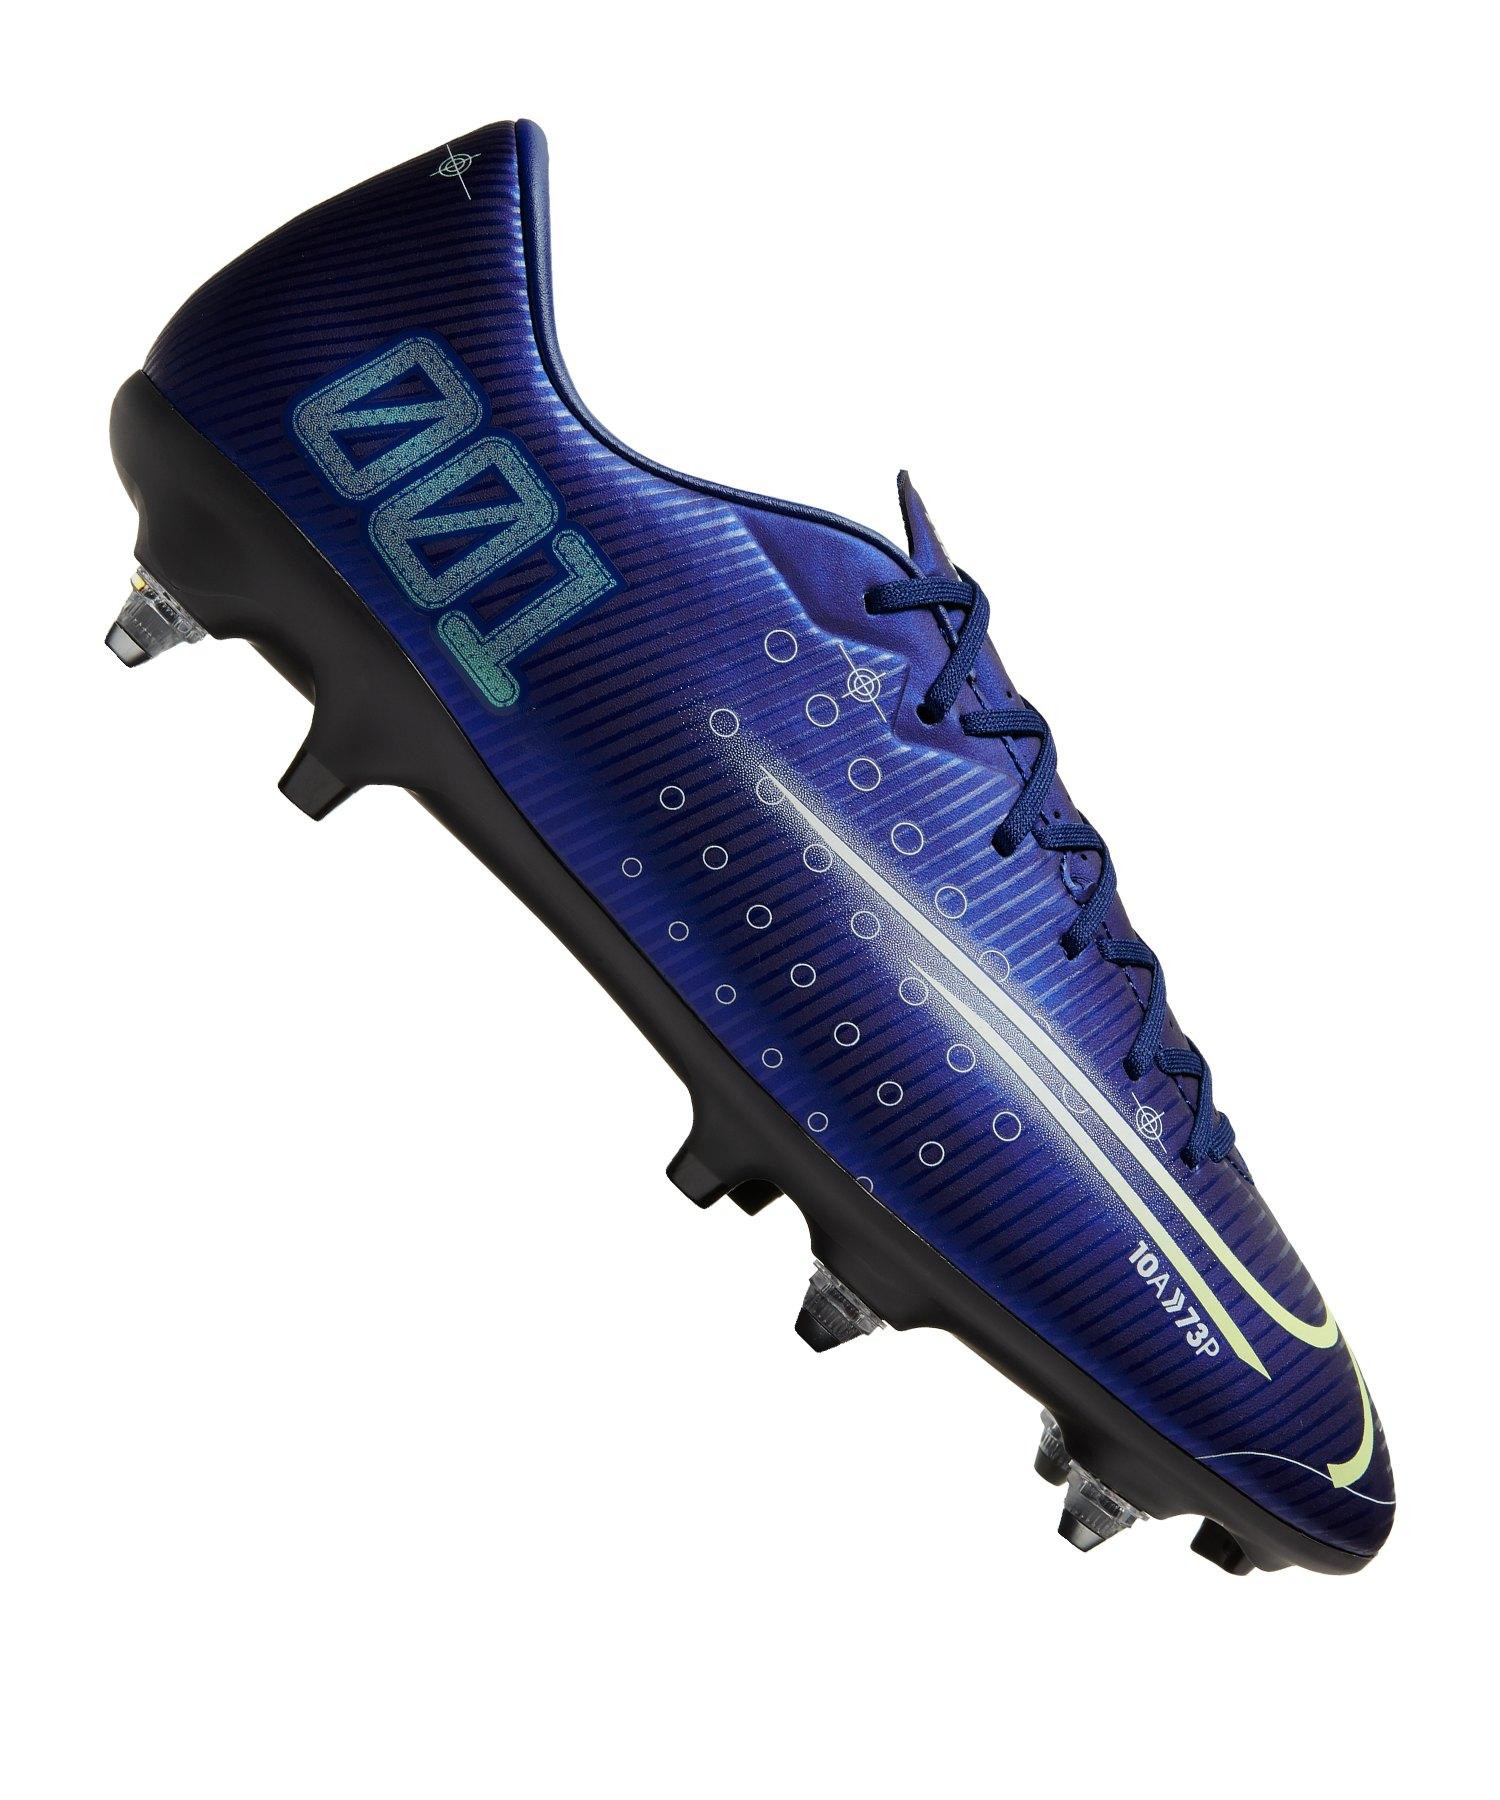 Nike Mercurial Vapor XIII Dreamspeed Academy SG-Pro Blau F401 - blau